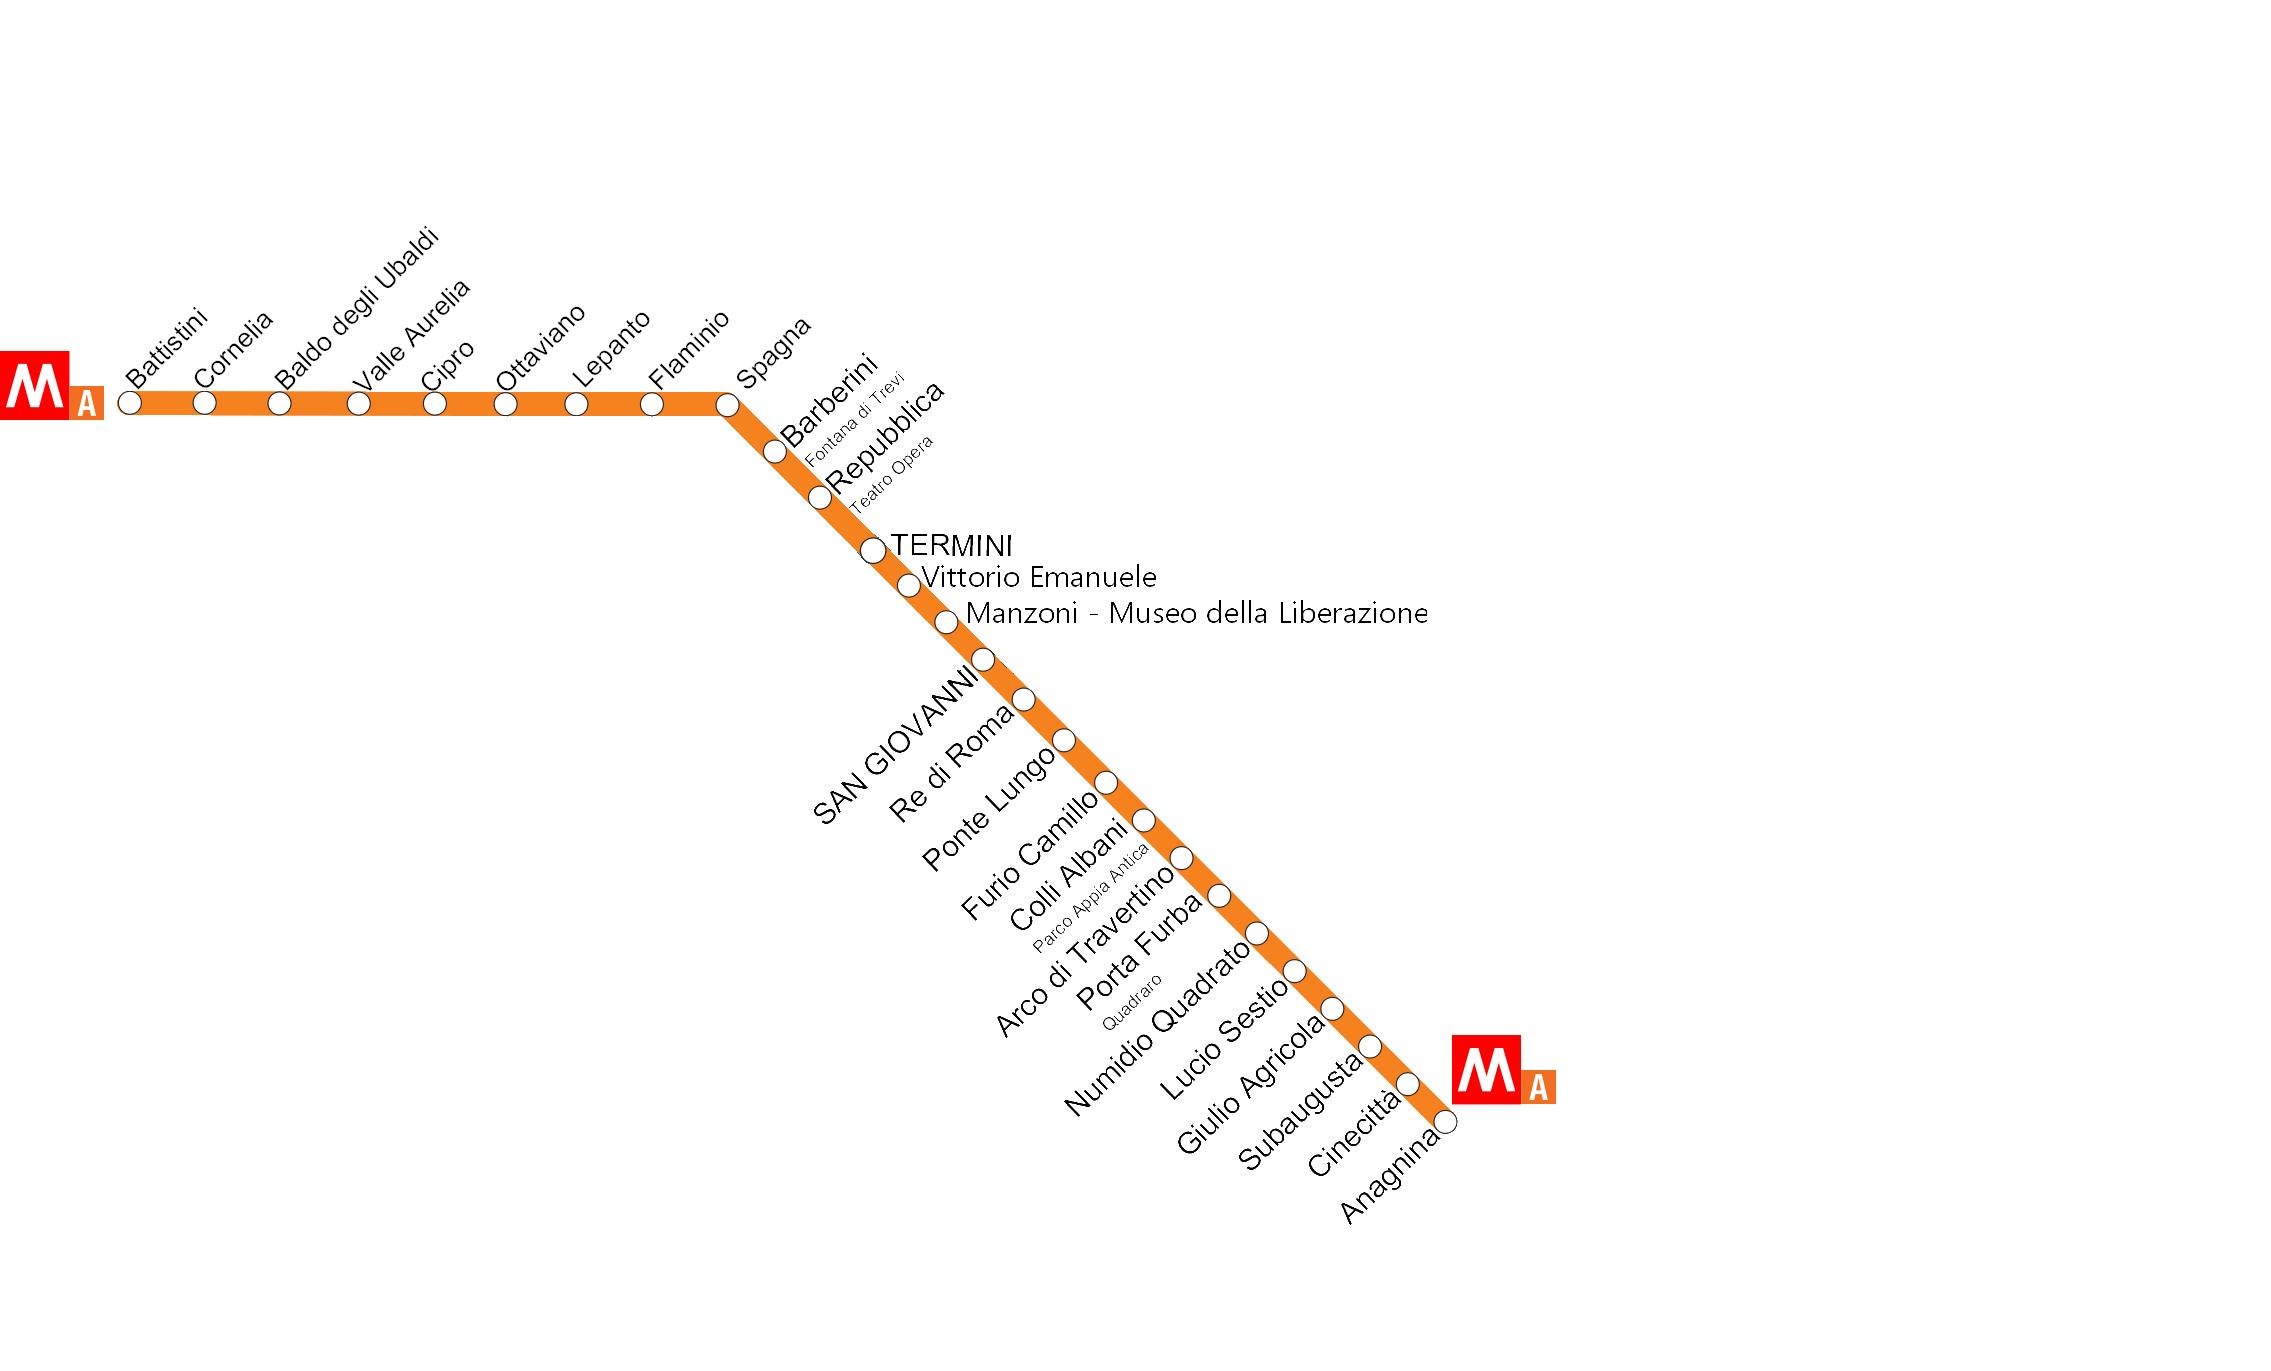 percorso_fermate_linea_a_metro_roma